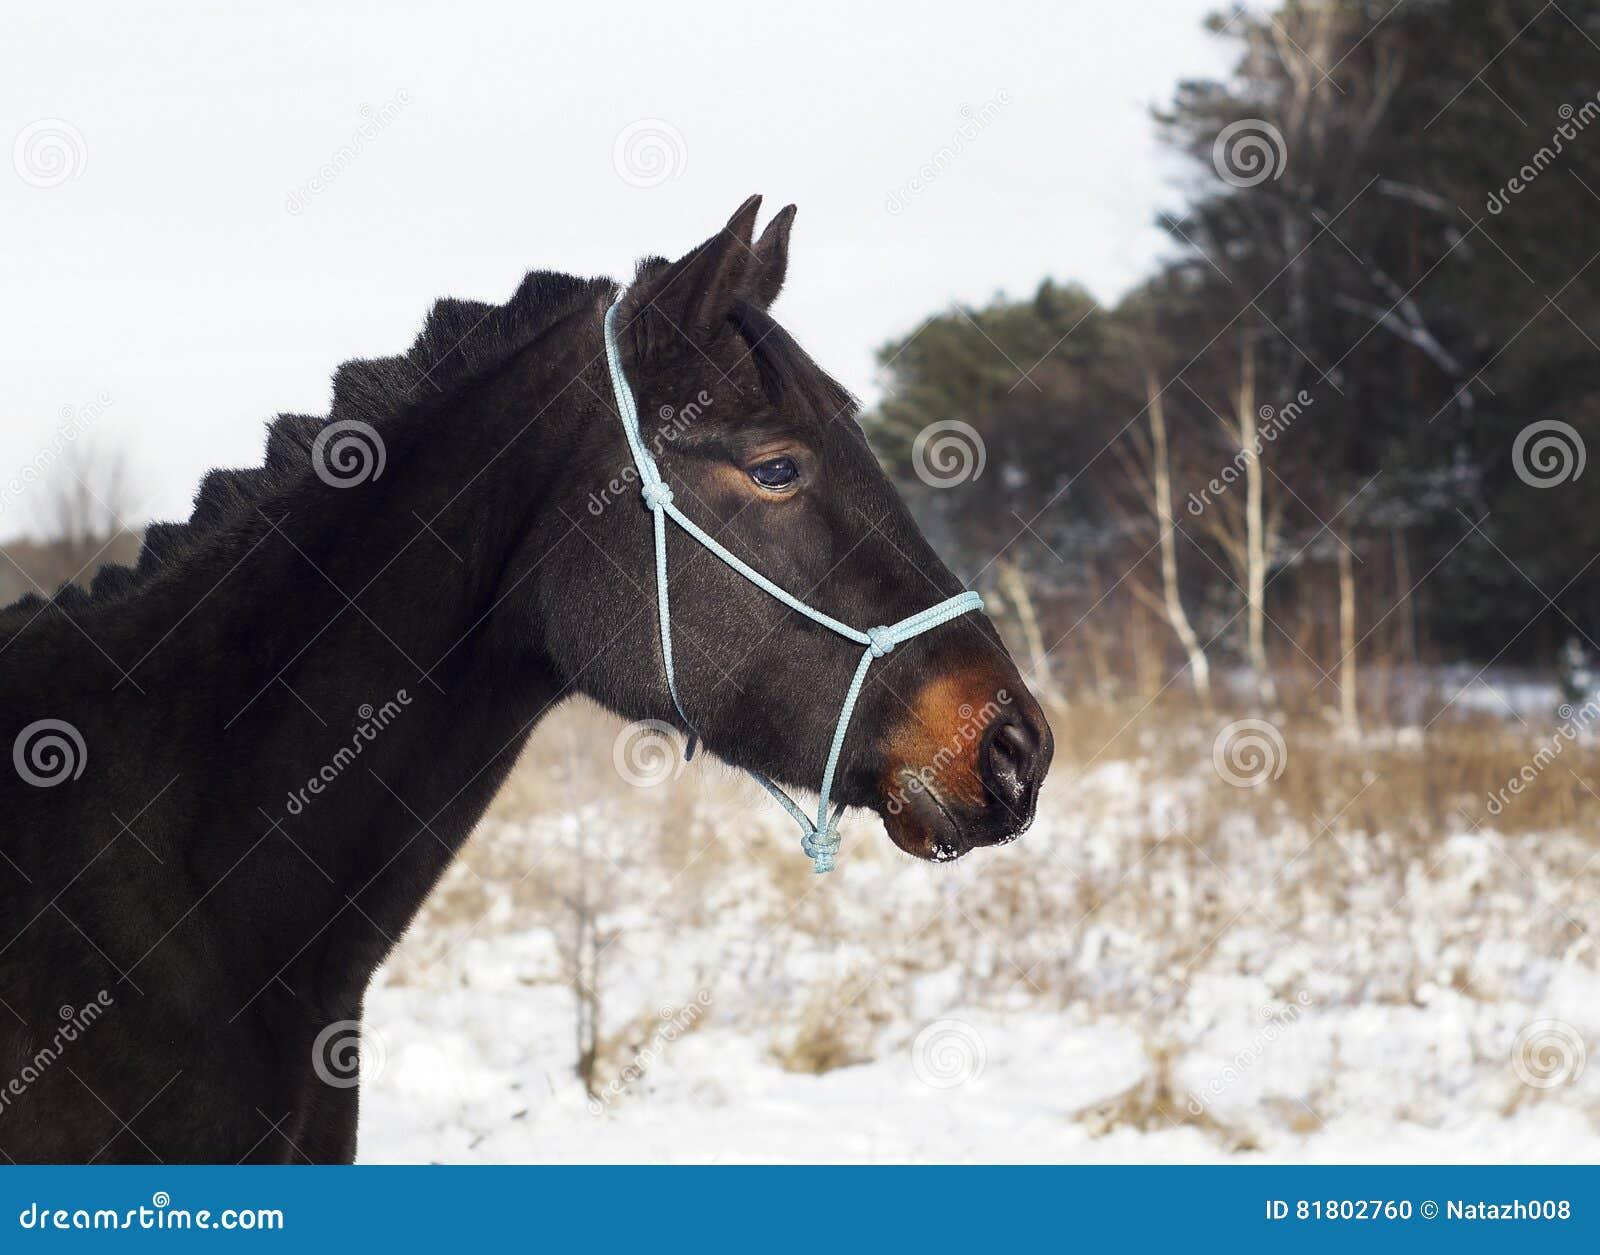 Лошадь стоит на снеге на предпосылке соснового леса в зиме